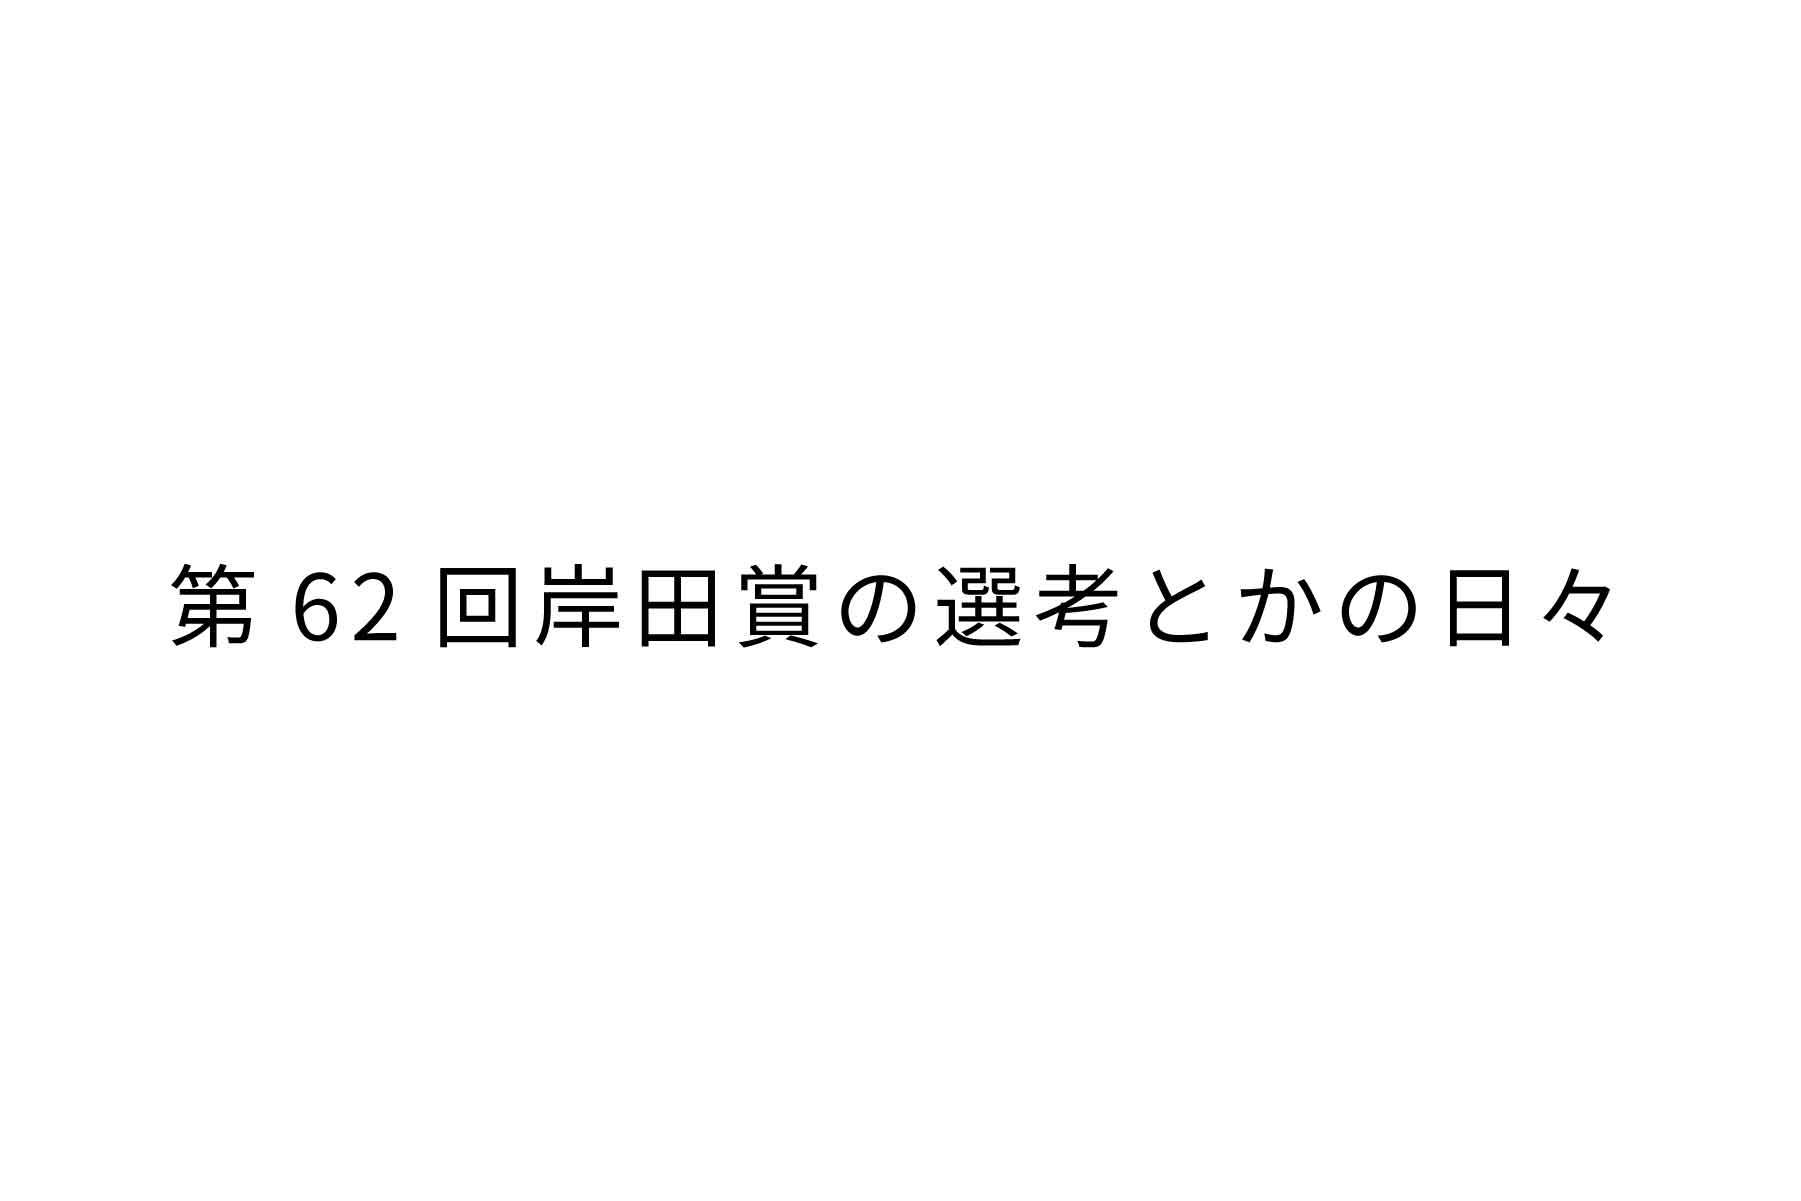 第62回岸田賞の選考とかの日々